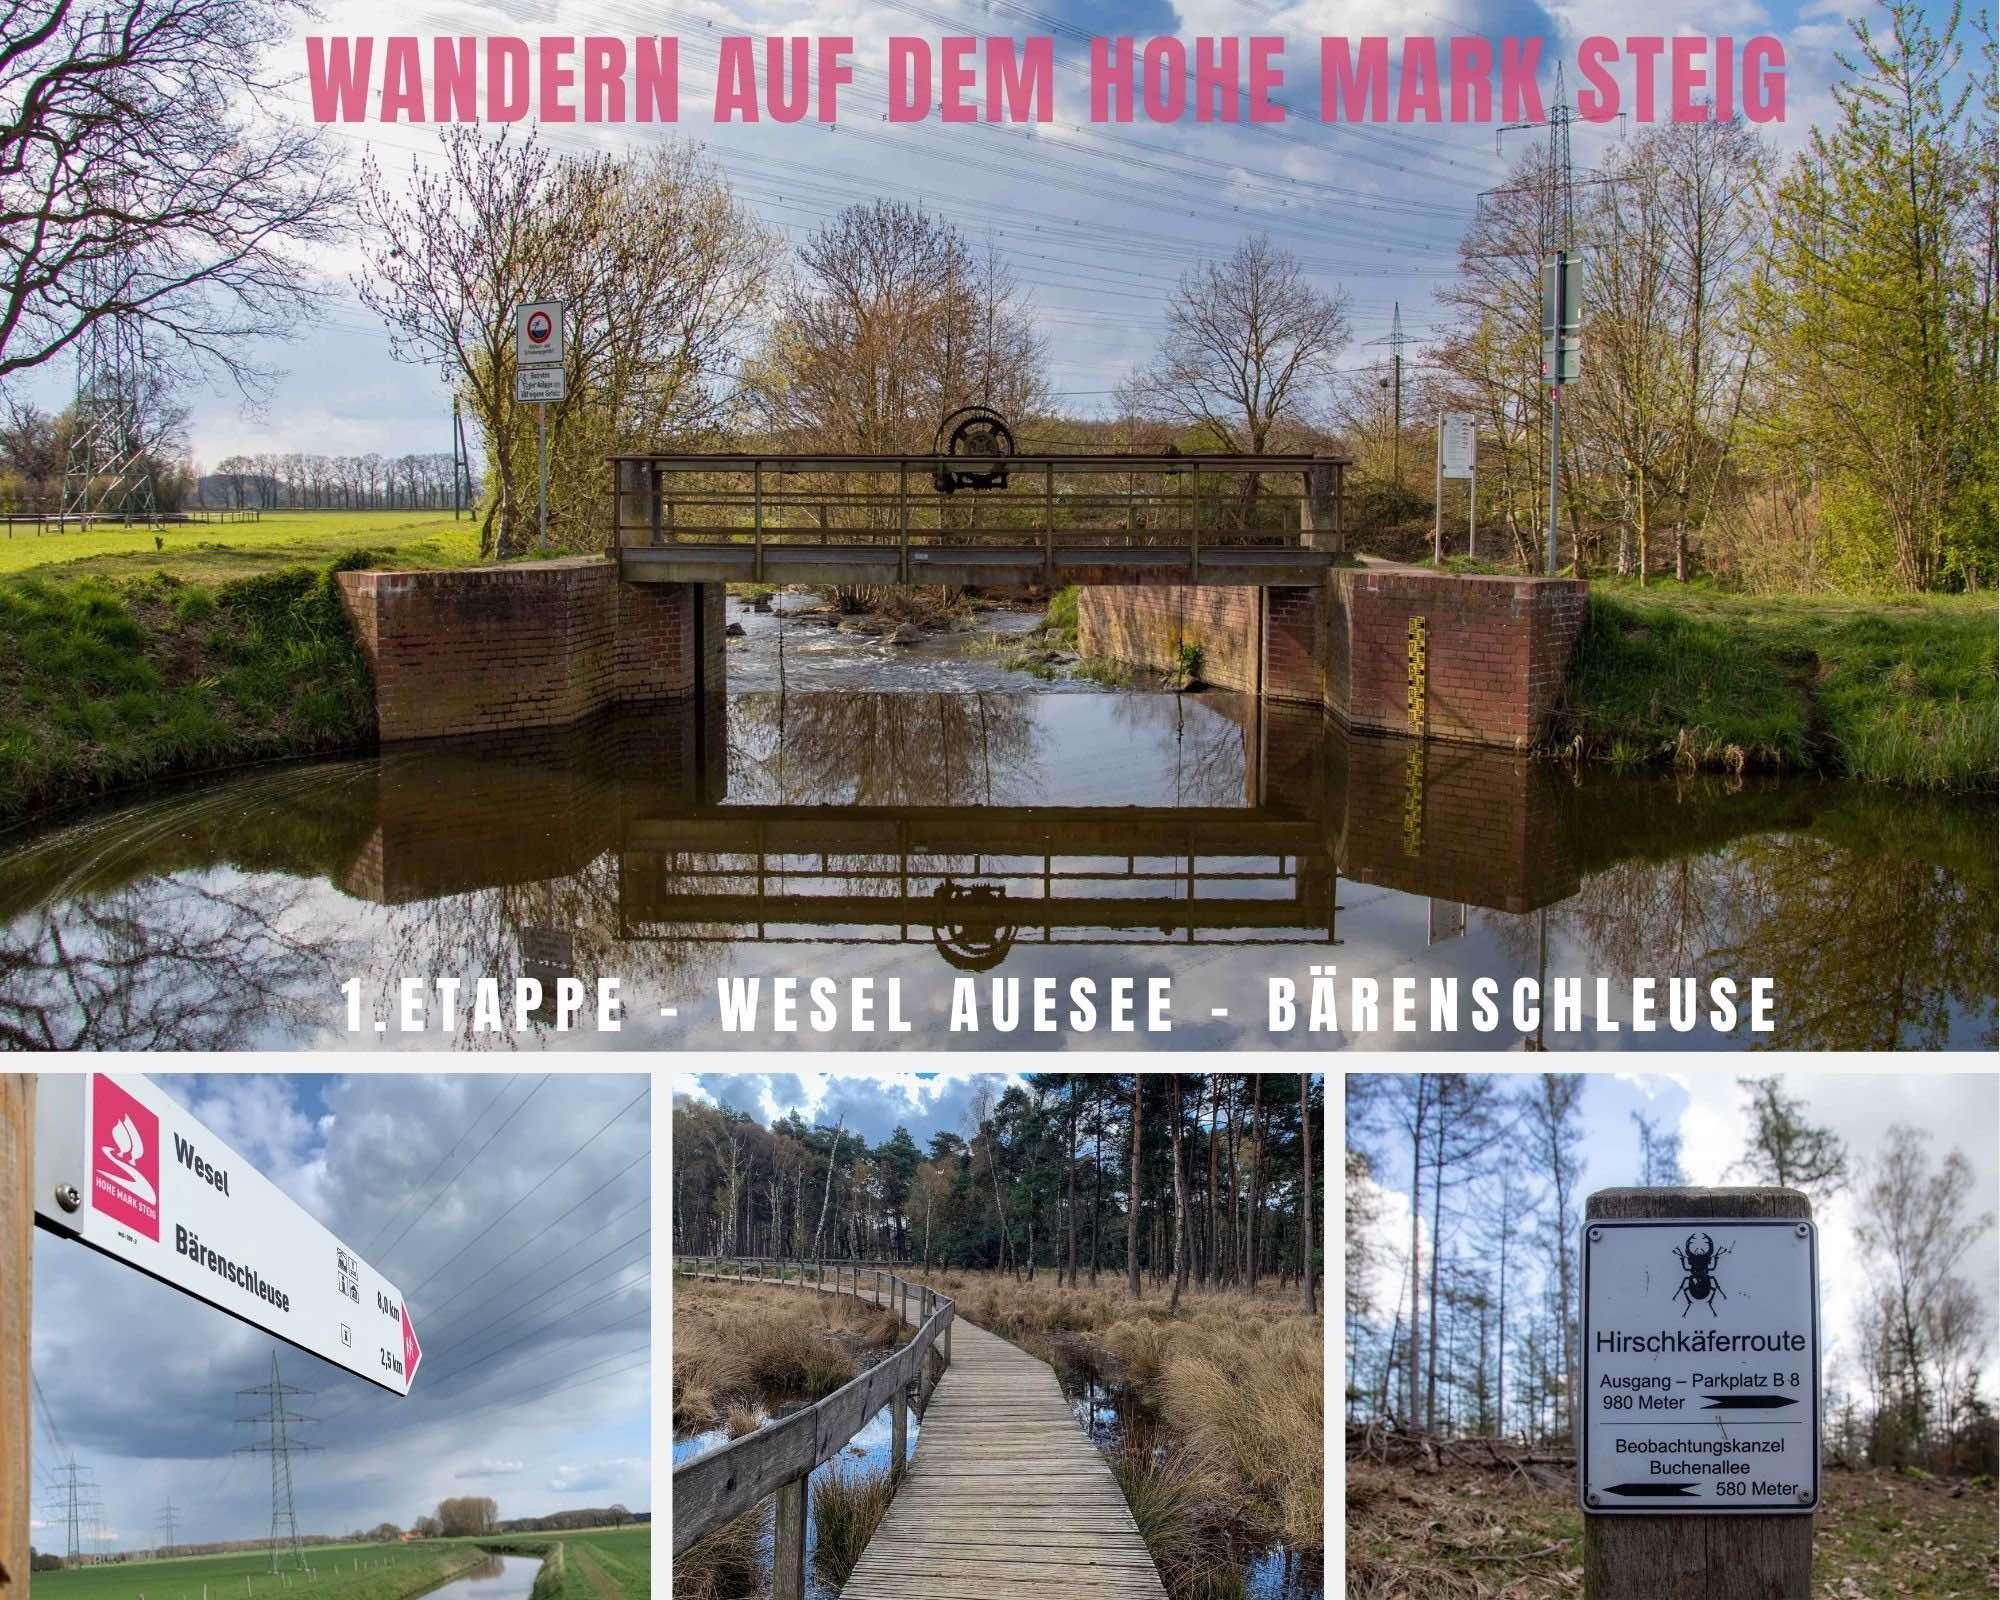 Wandern auf dem Hohe Mark Steig – 1.Etappe in Wesel – Vom Auesee zur Bärenschleuse